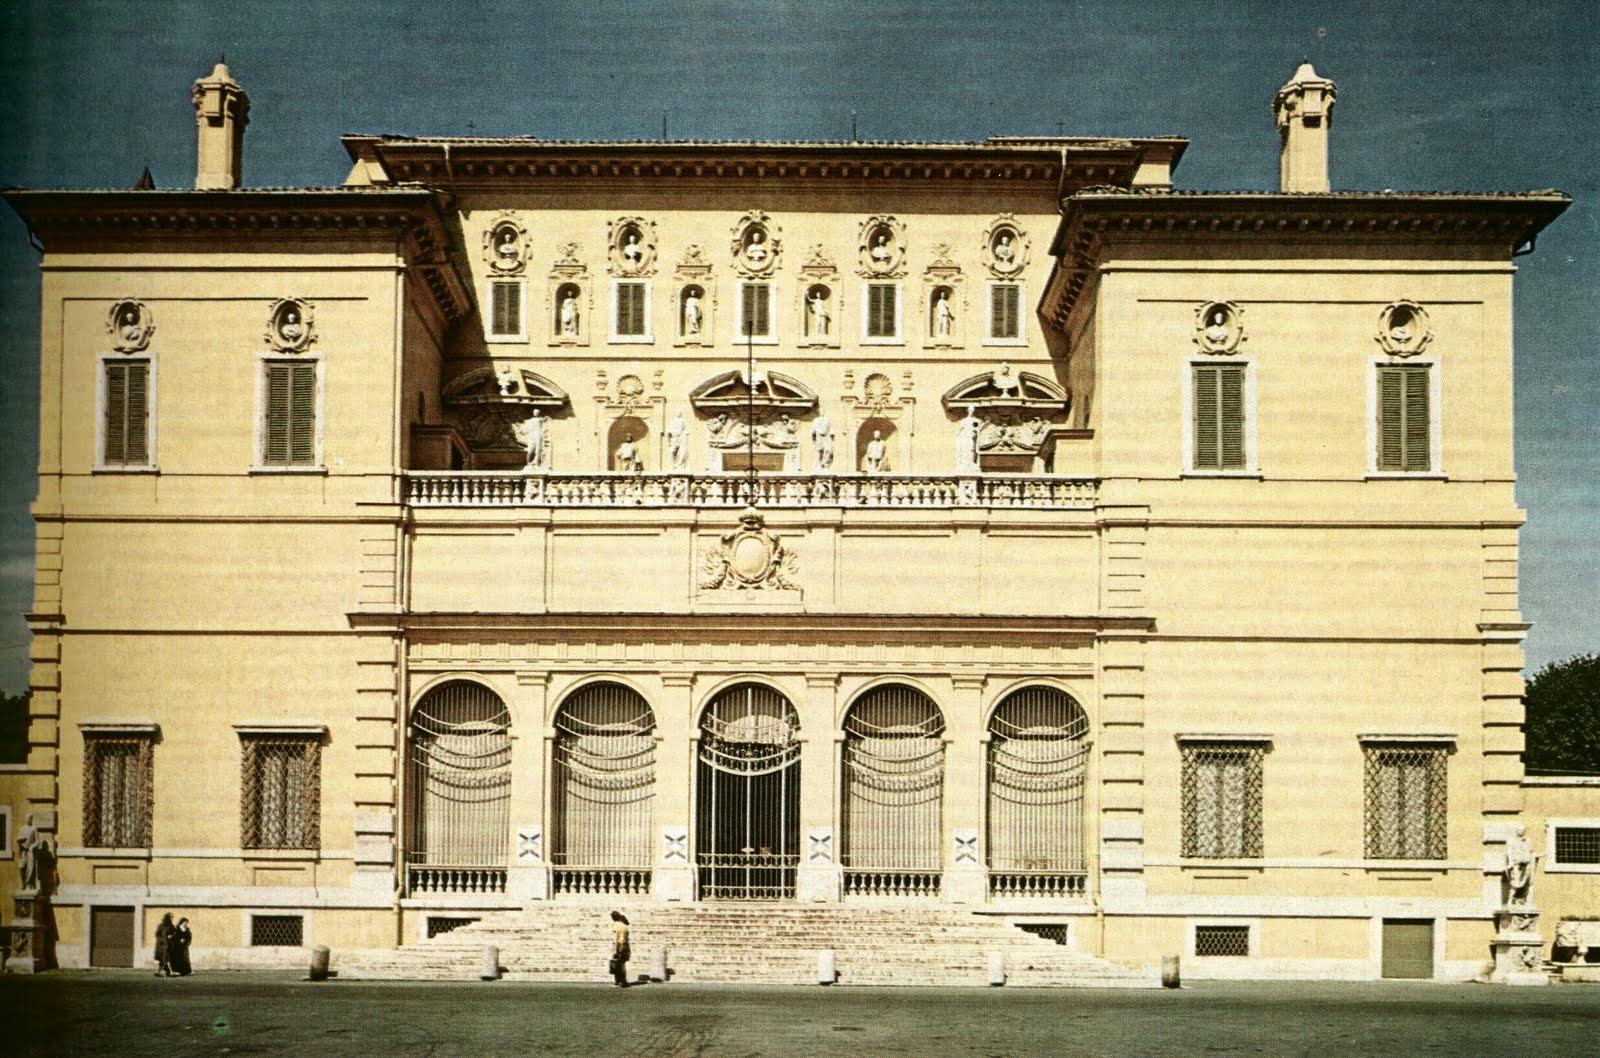 Economia sociedad y cultura en el siglo xviii Arquitectura del siglo 20 wikipedia